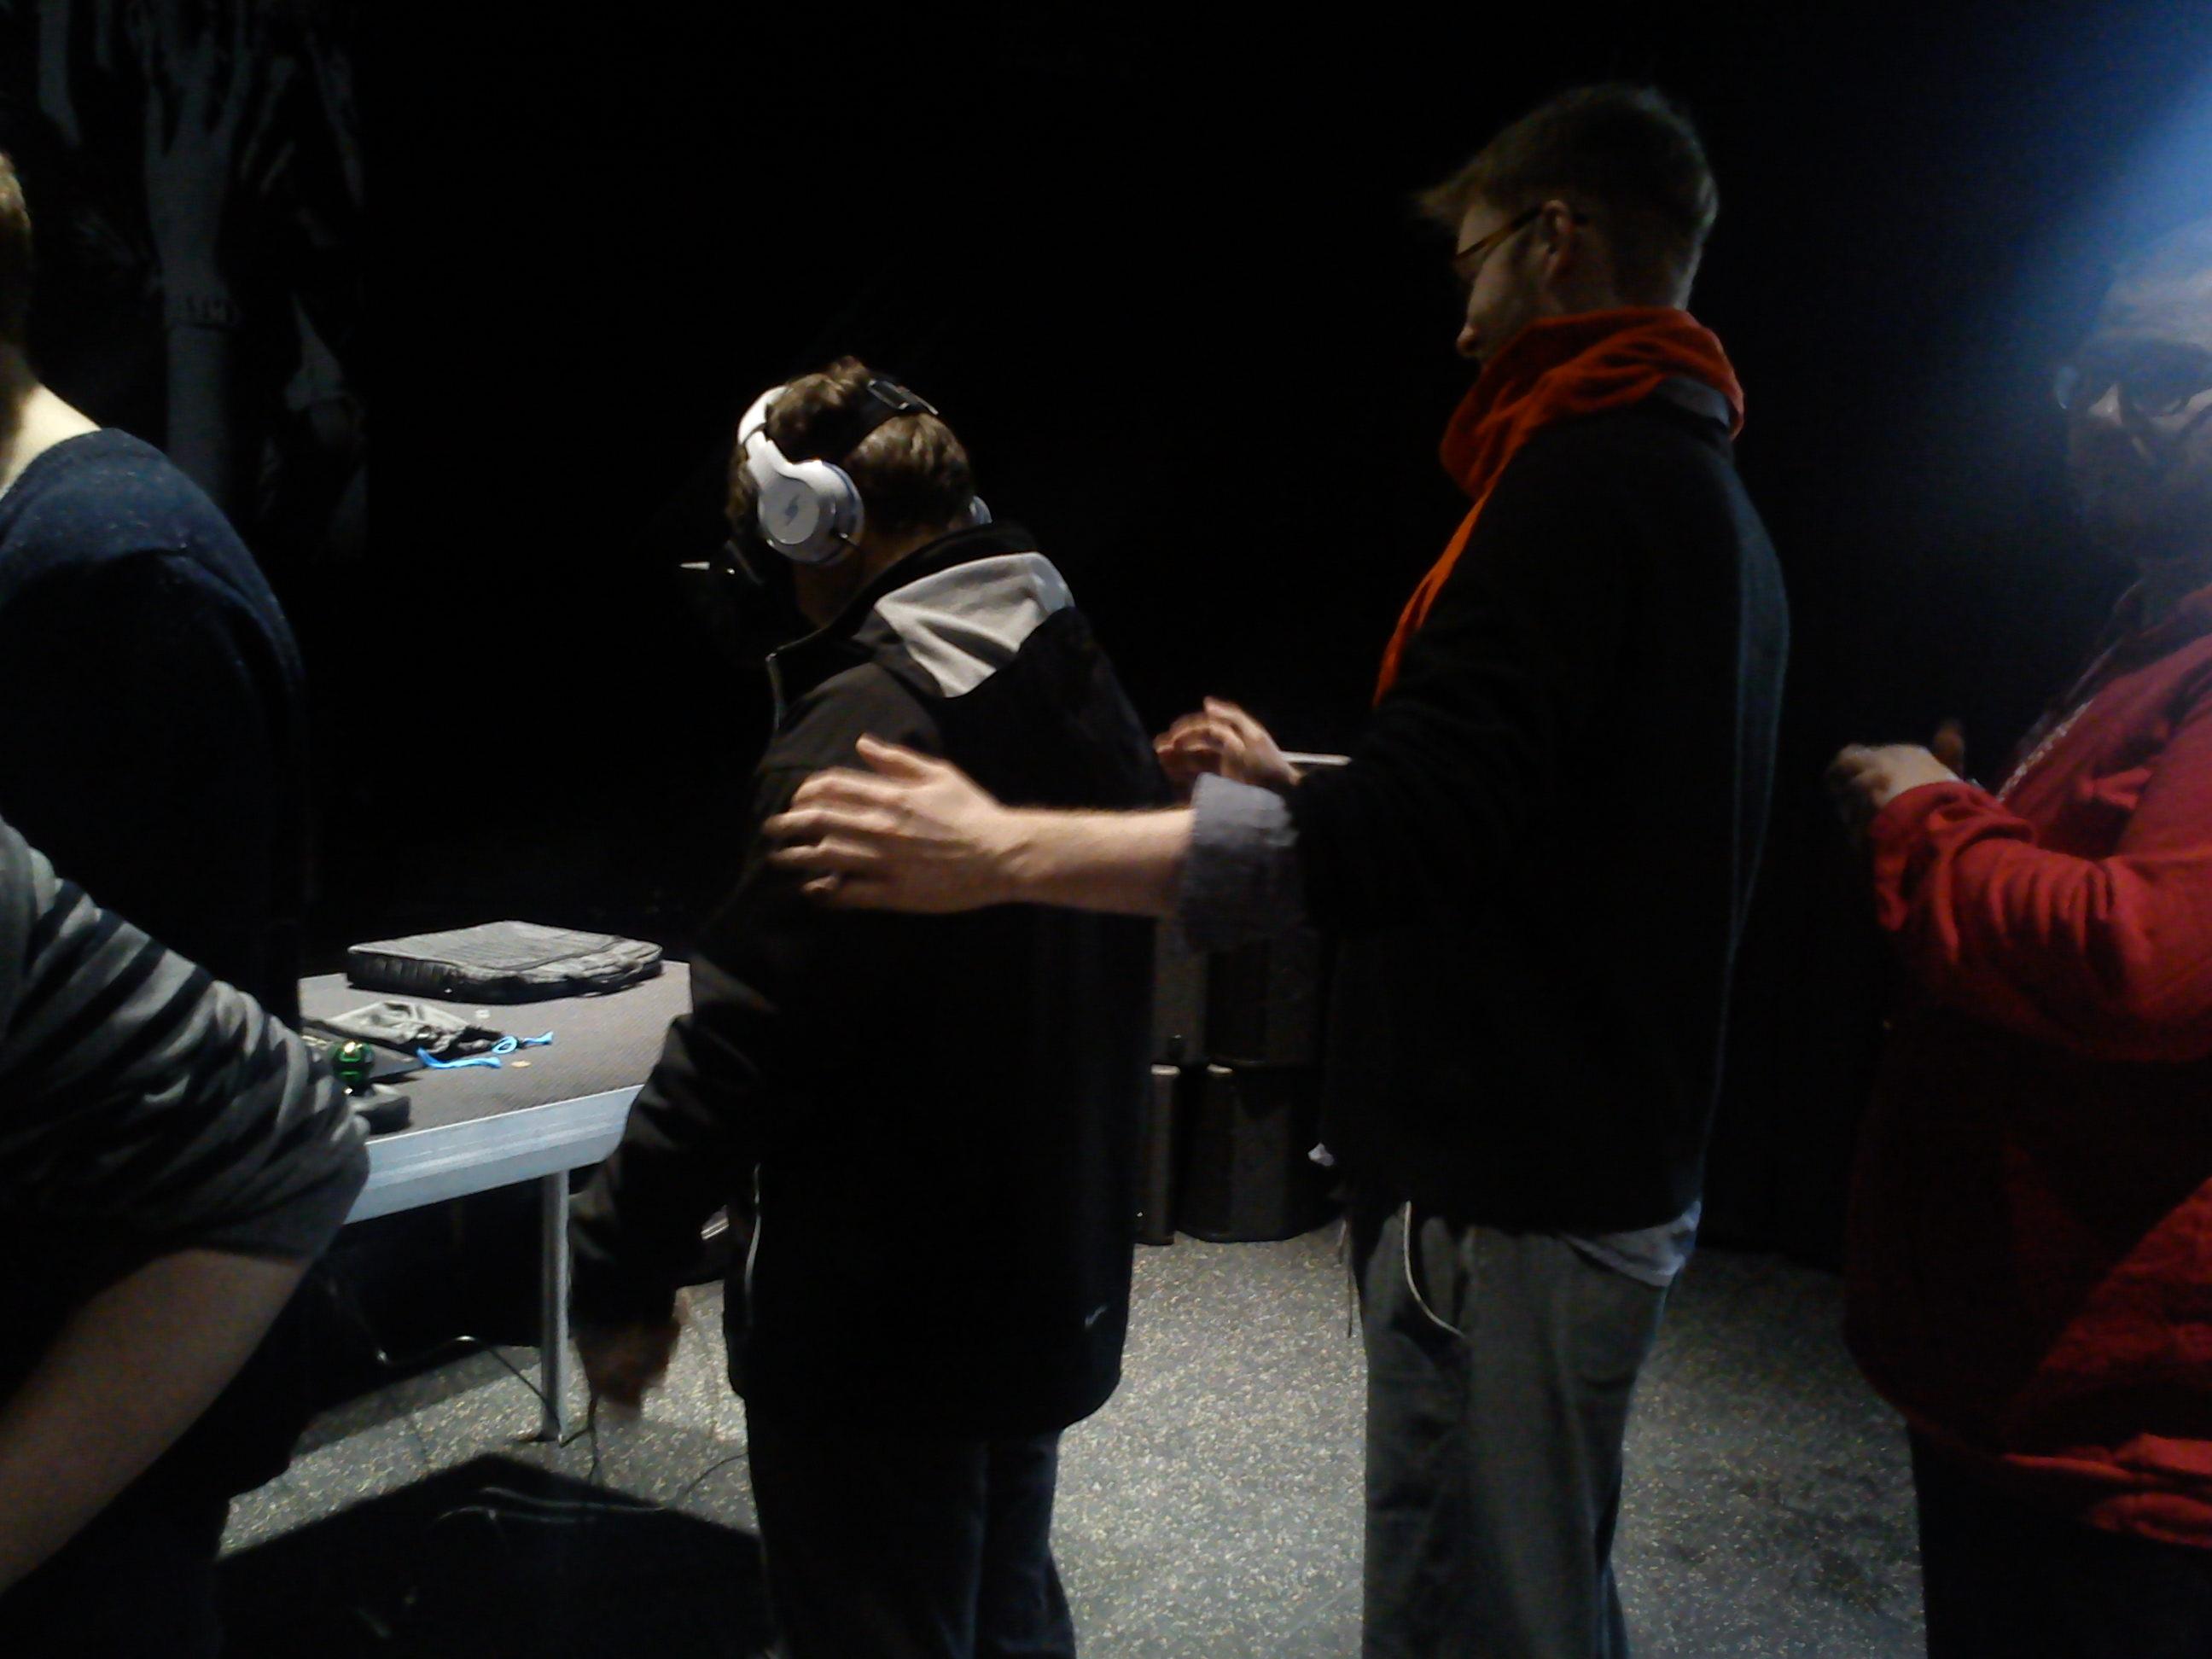 Oculus Rift, her har VR teknologien blitt så bra at det var ein reel fare for at folk falt overrende eller skulle gjere noko anna overilt difor måtte nokon alltid stå å passe på.